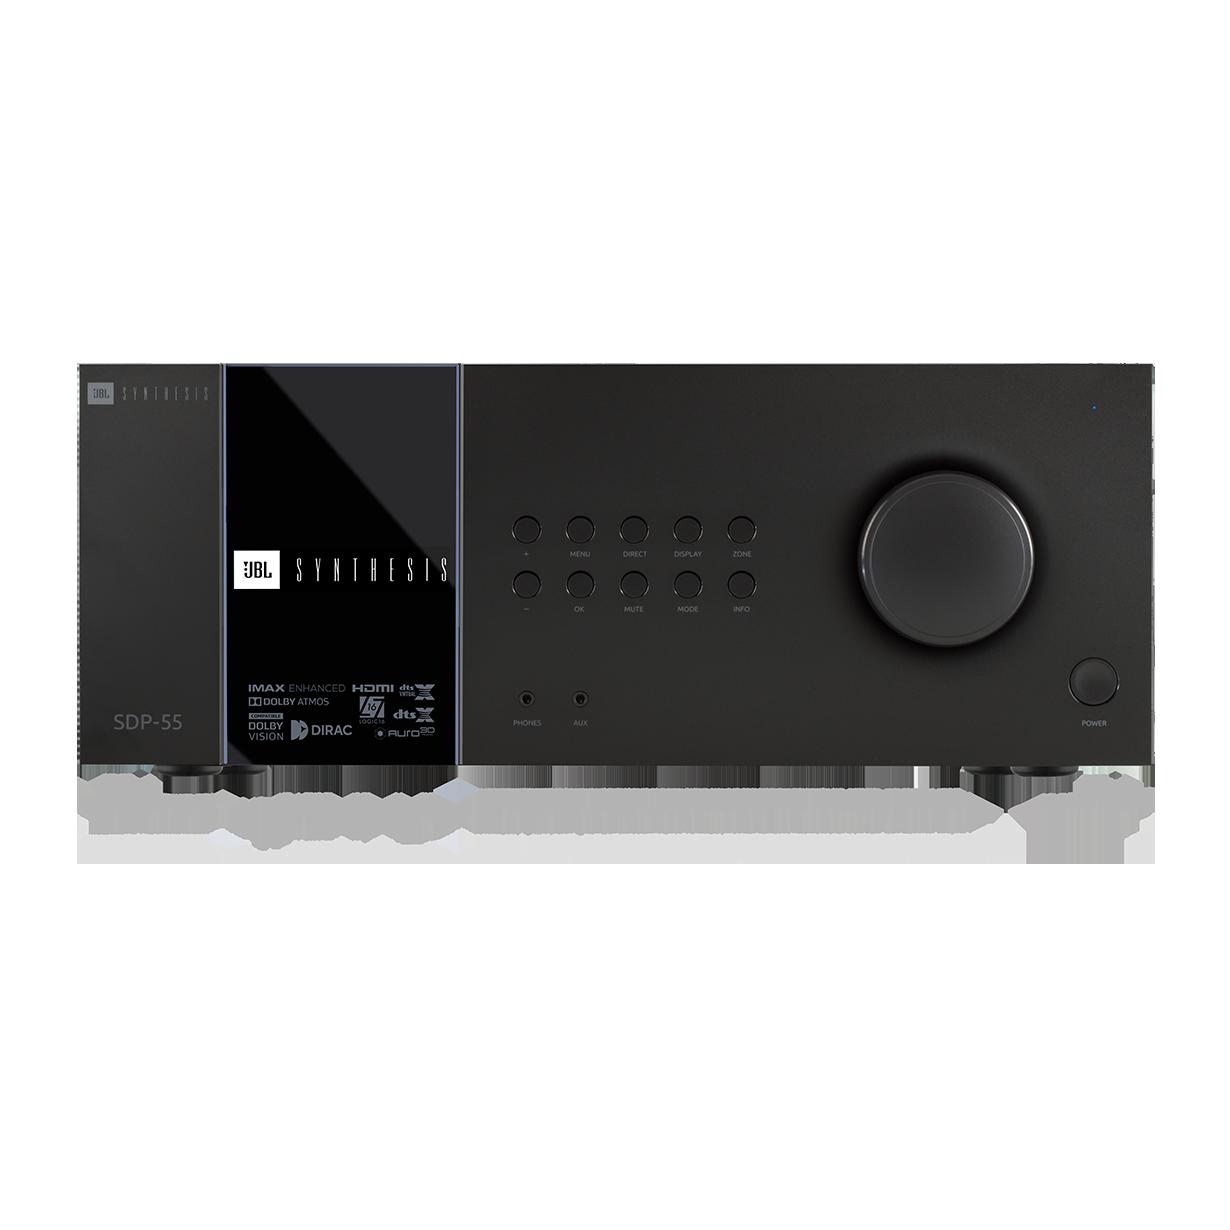 SDP-55 - Black - 16 Ch. Immersive Surround Sound Processor with Dante - Hero